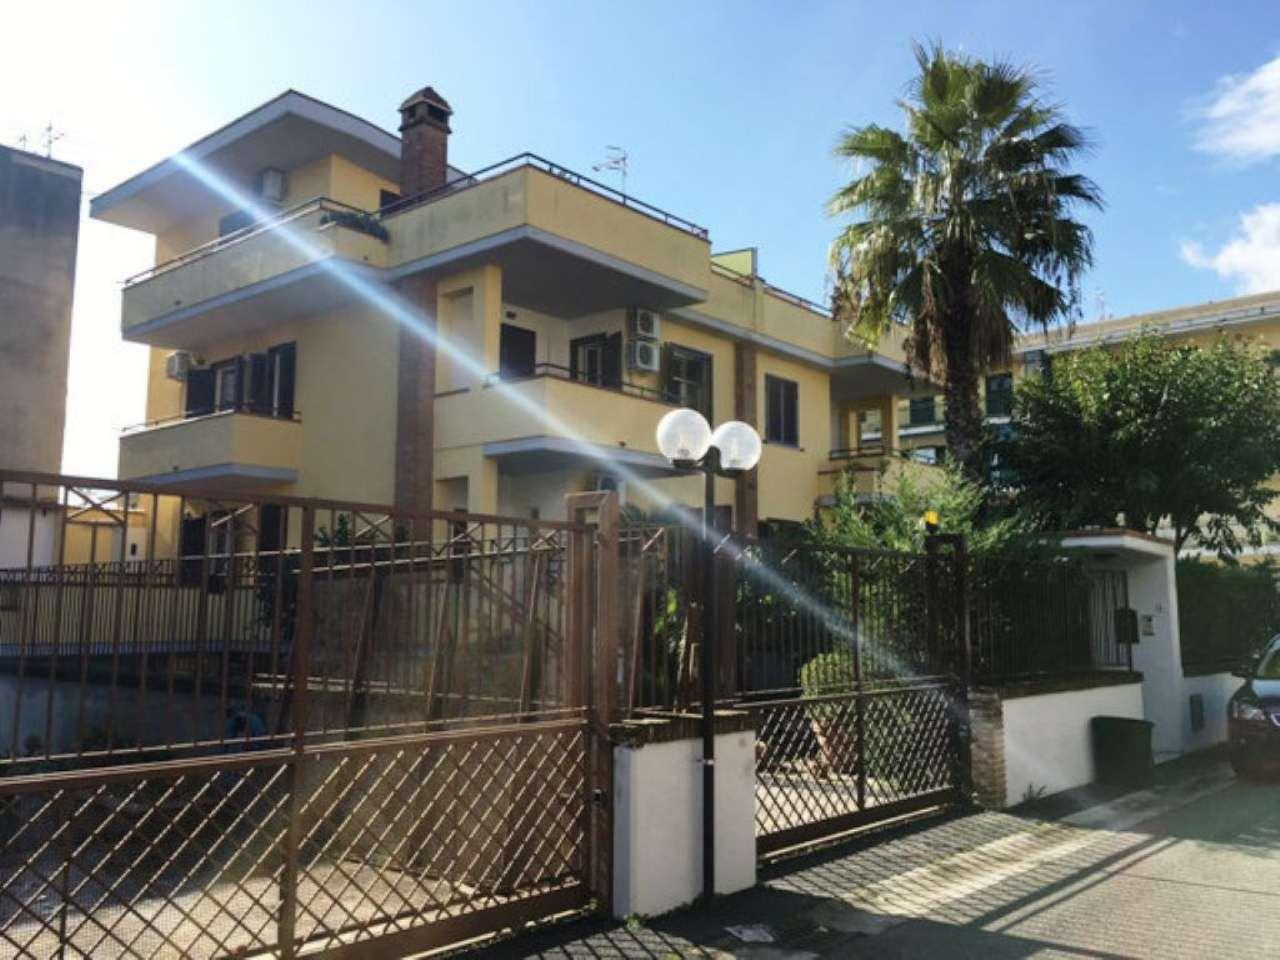 Villa Bifamiliare in vendita a Marigliano, 6 locali, prezzo € 400.000 | Cambio Casa.it